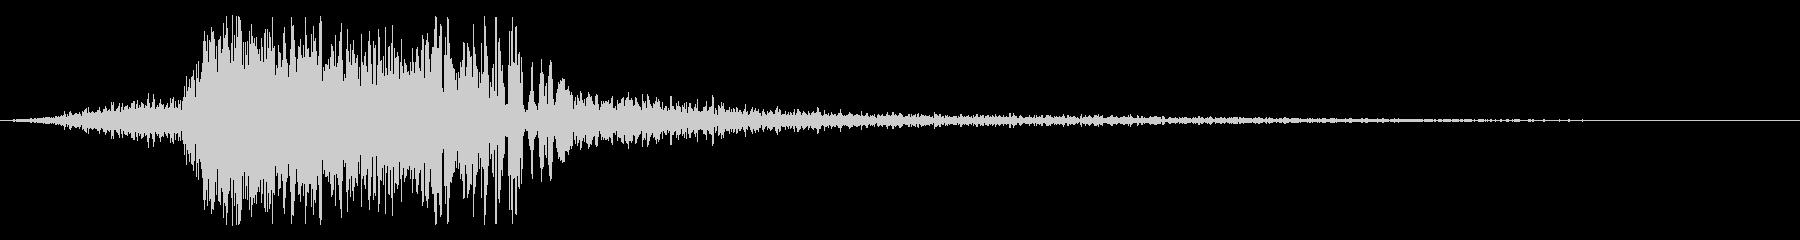 ライブワイヤーヒットのホイップの未再生の波形